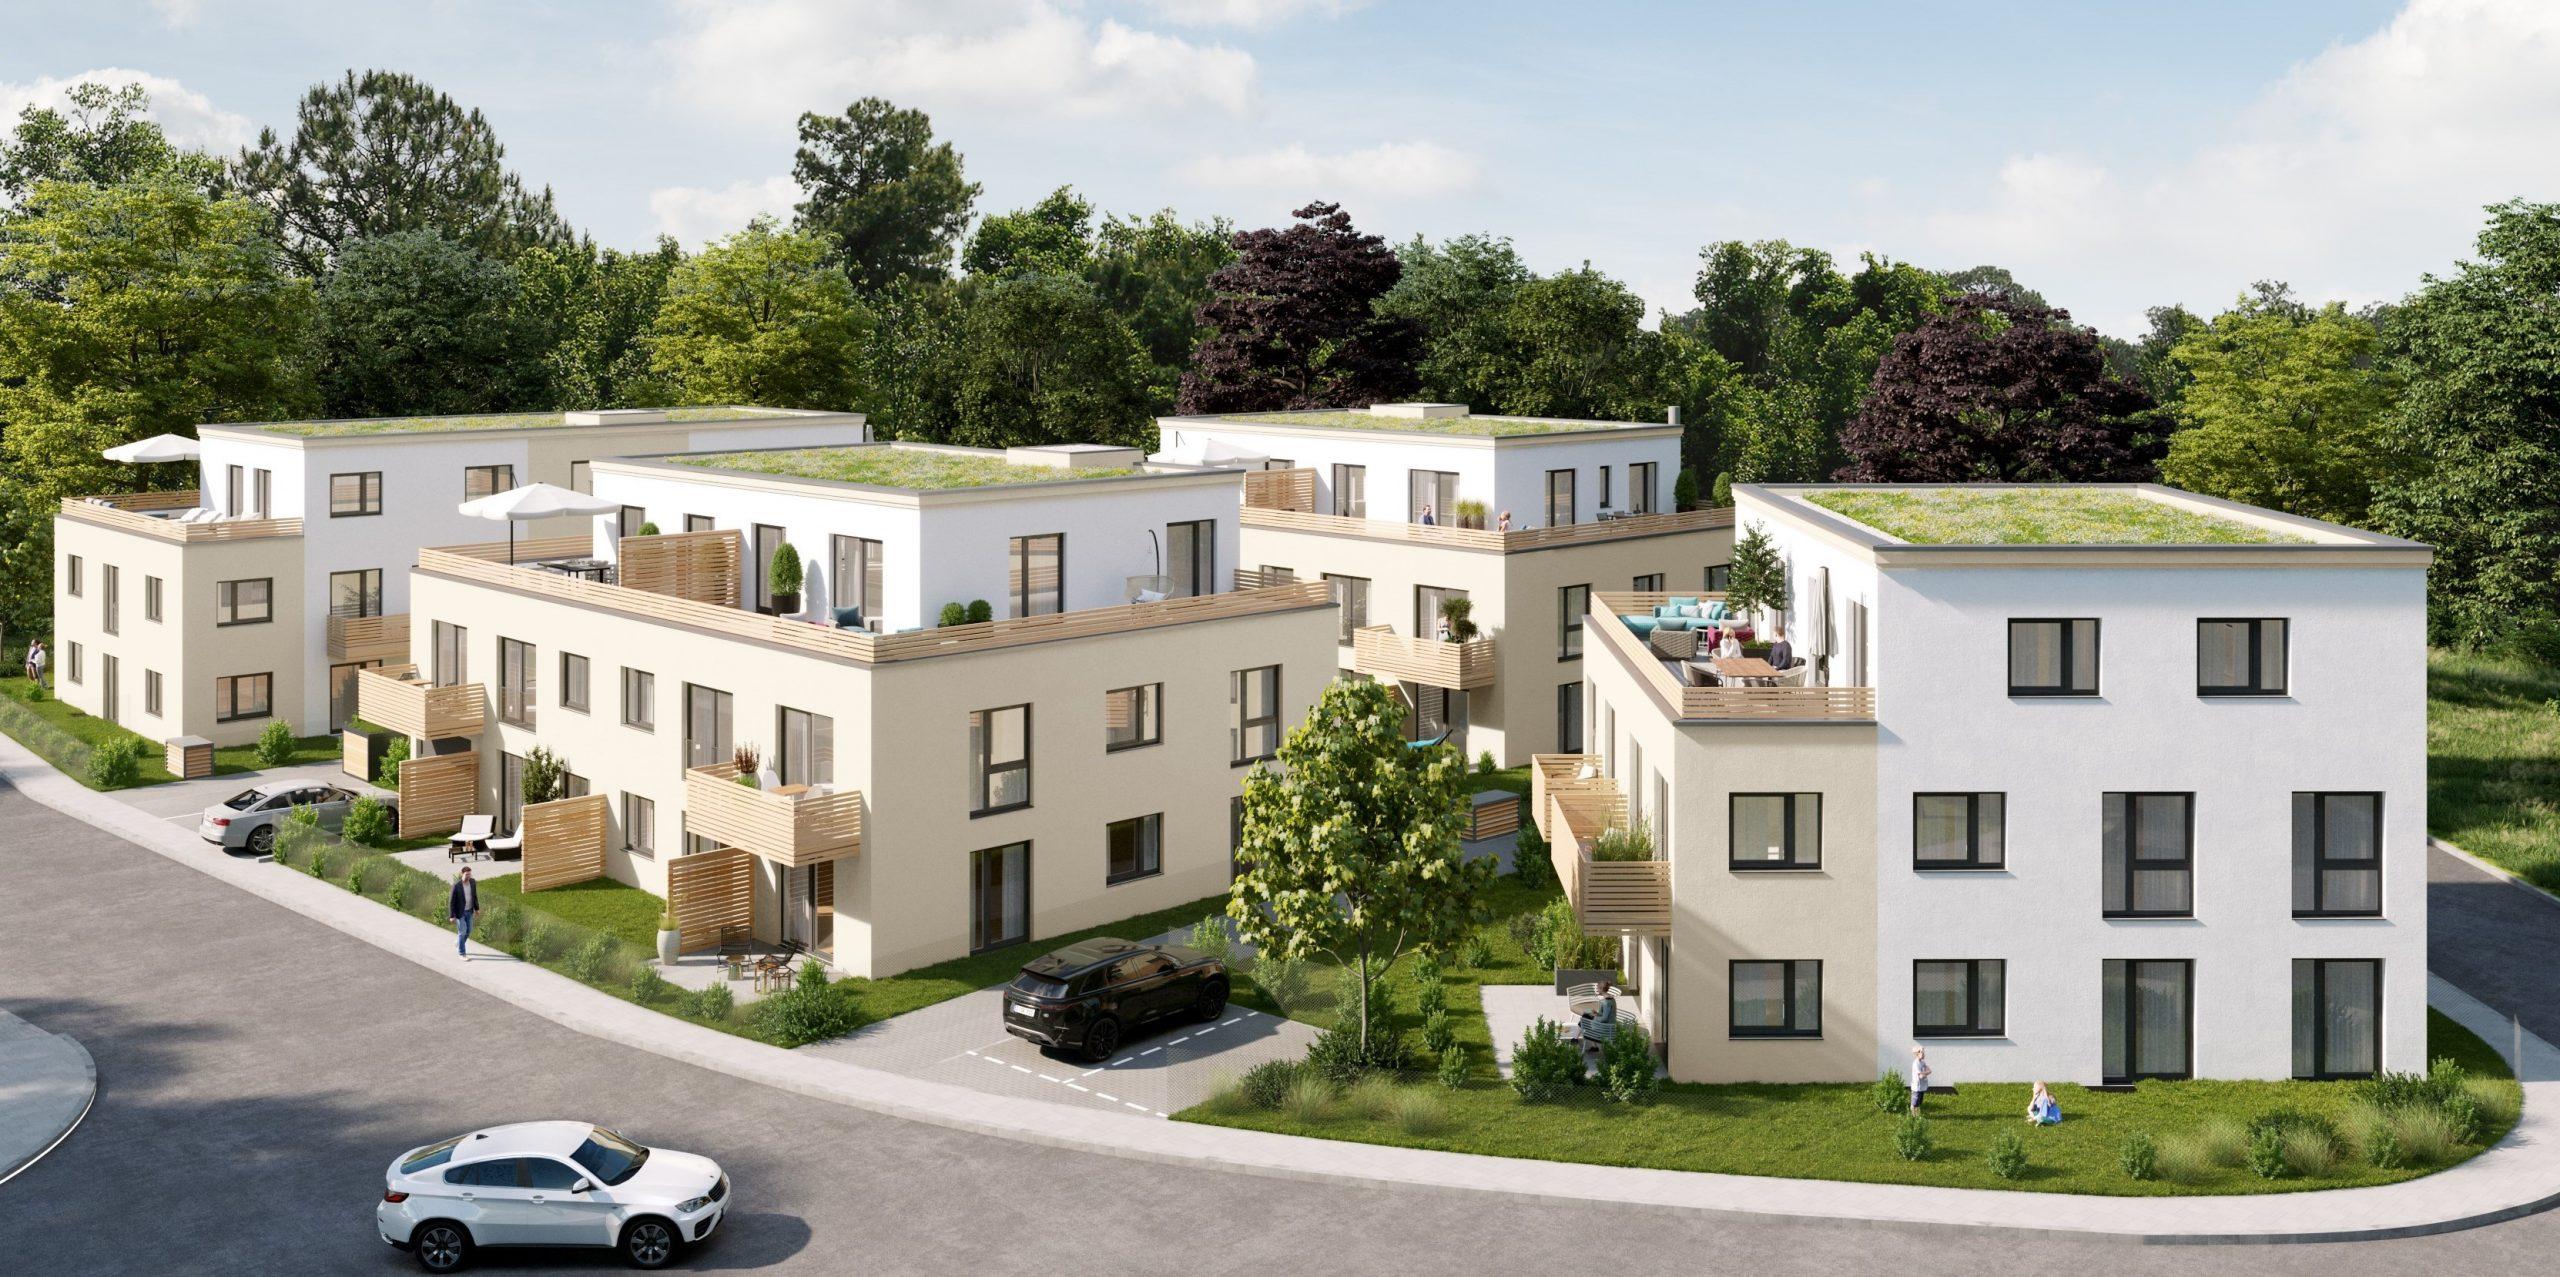 Wohnanlage in Schongau                                                                                    Verkaufsstart Juli 2021